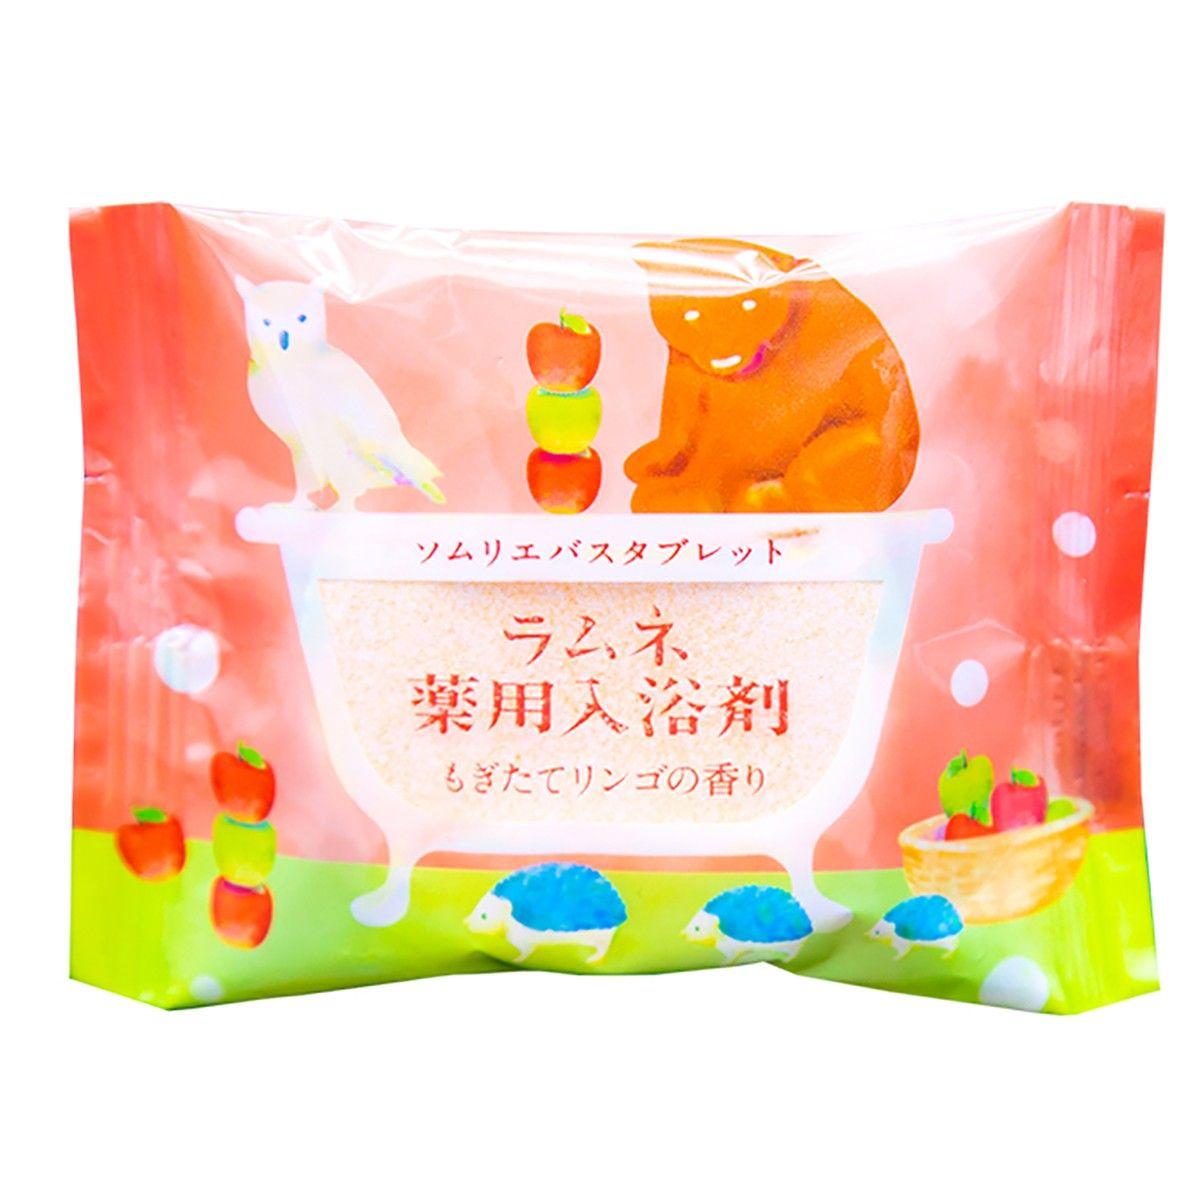 Расслабляющая соль-таблетка для ванны с ароматом свежих яблок - 40 гр.